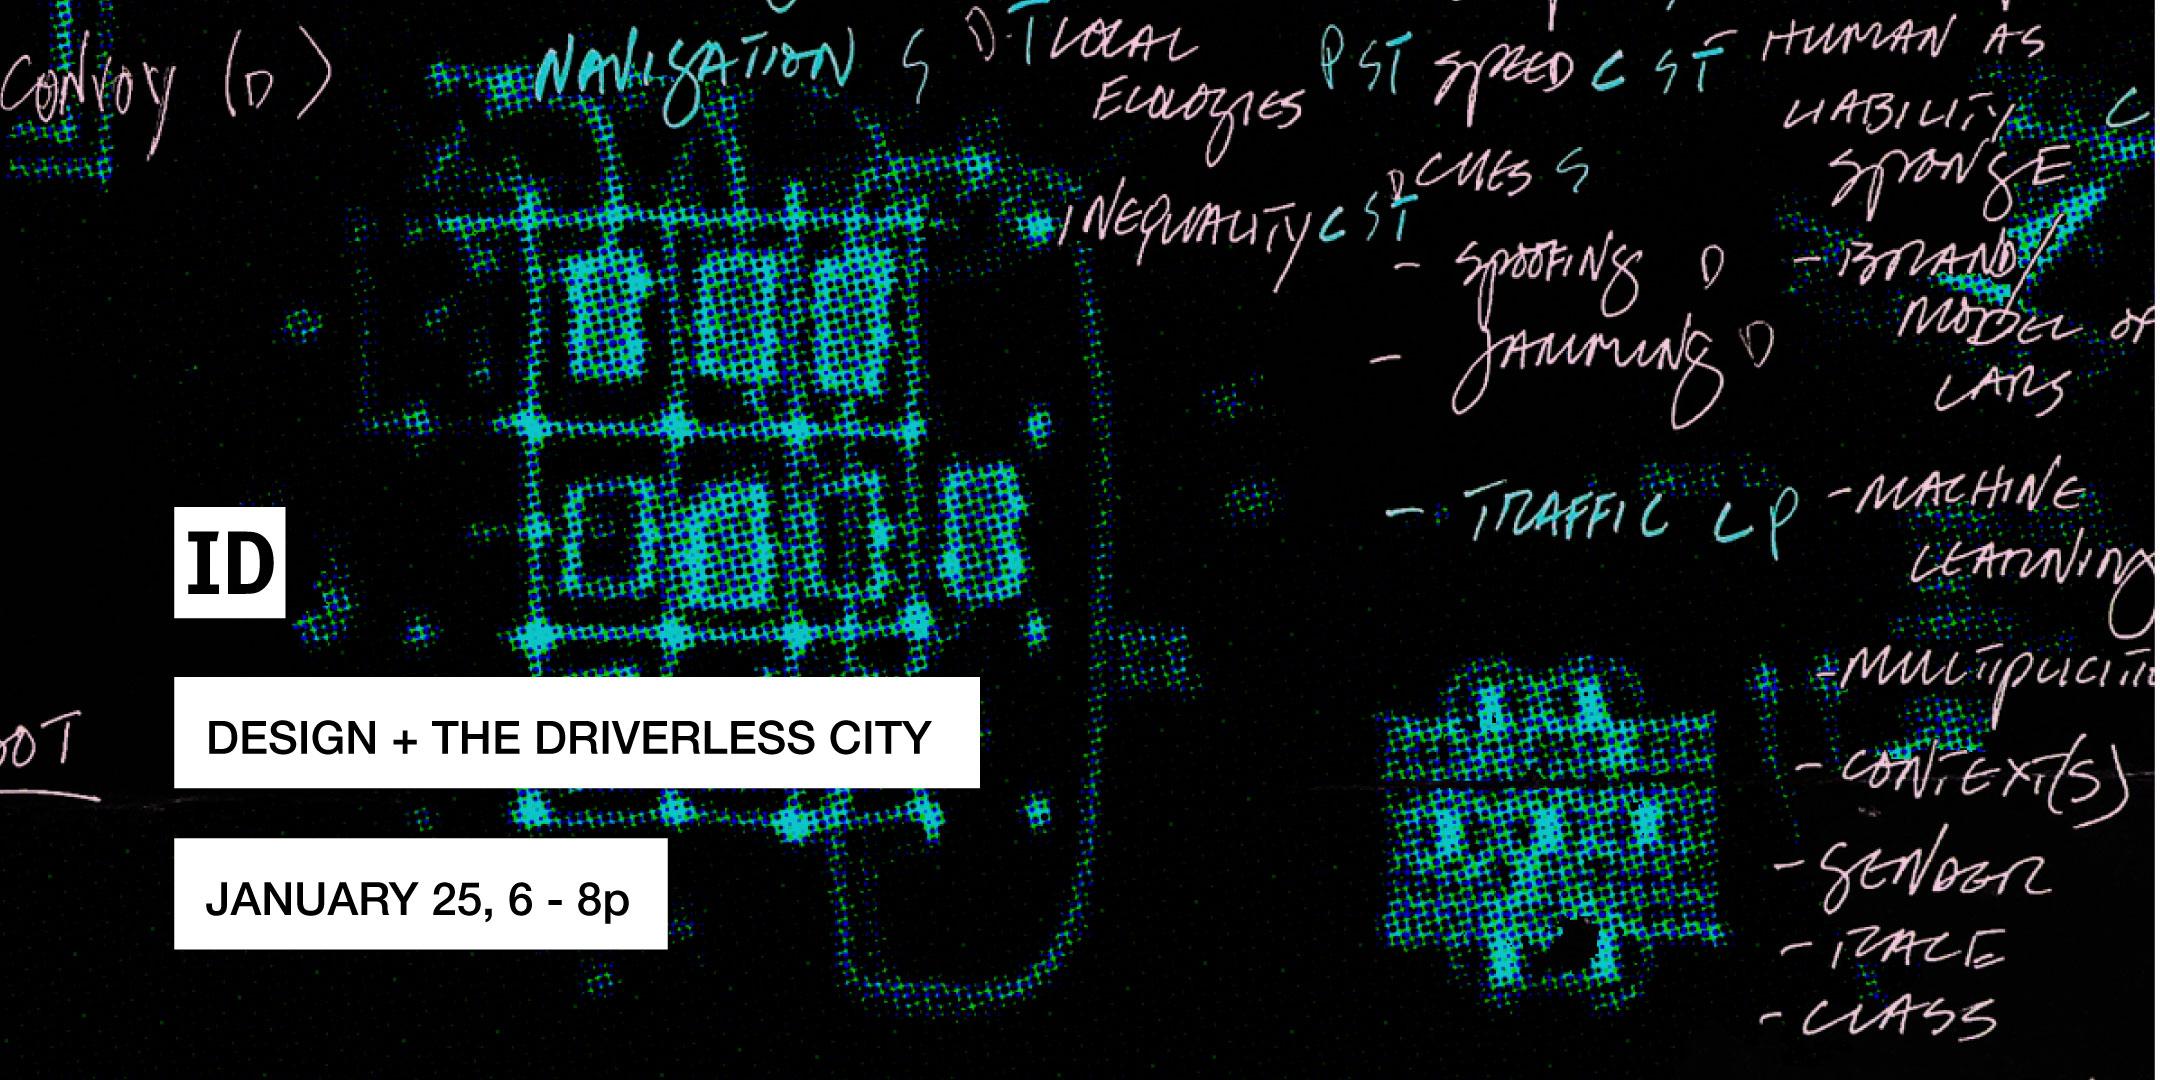 design-driverless-eventbrite.jpg